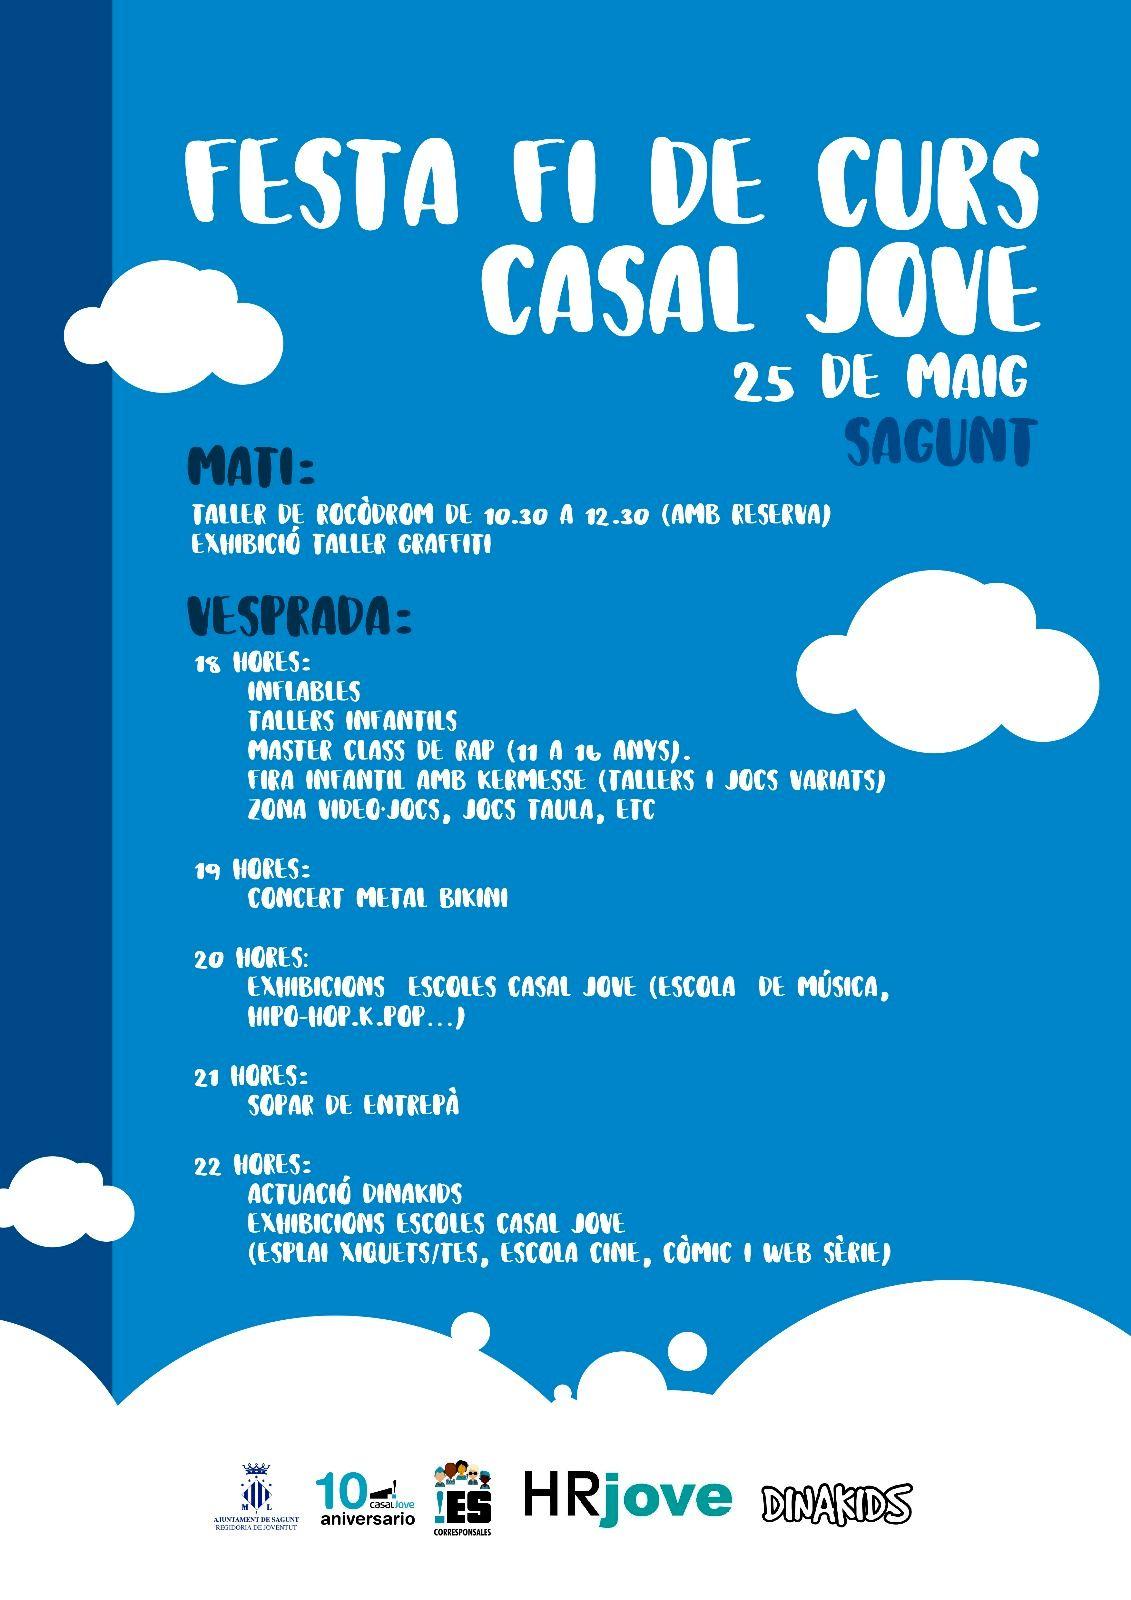 El Acoge Casal Este La Fin Semana Jove De Fiesta Curso 54jA3RL